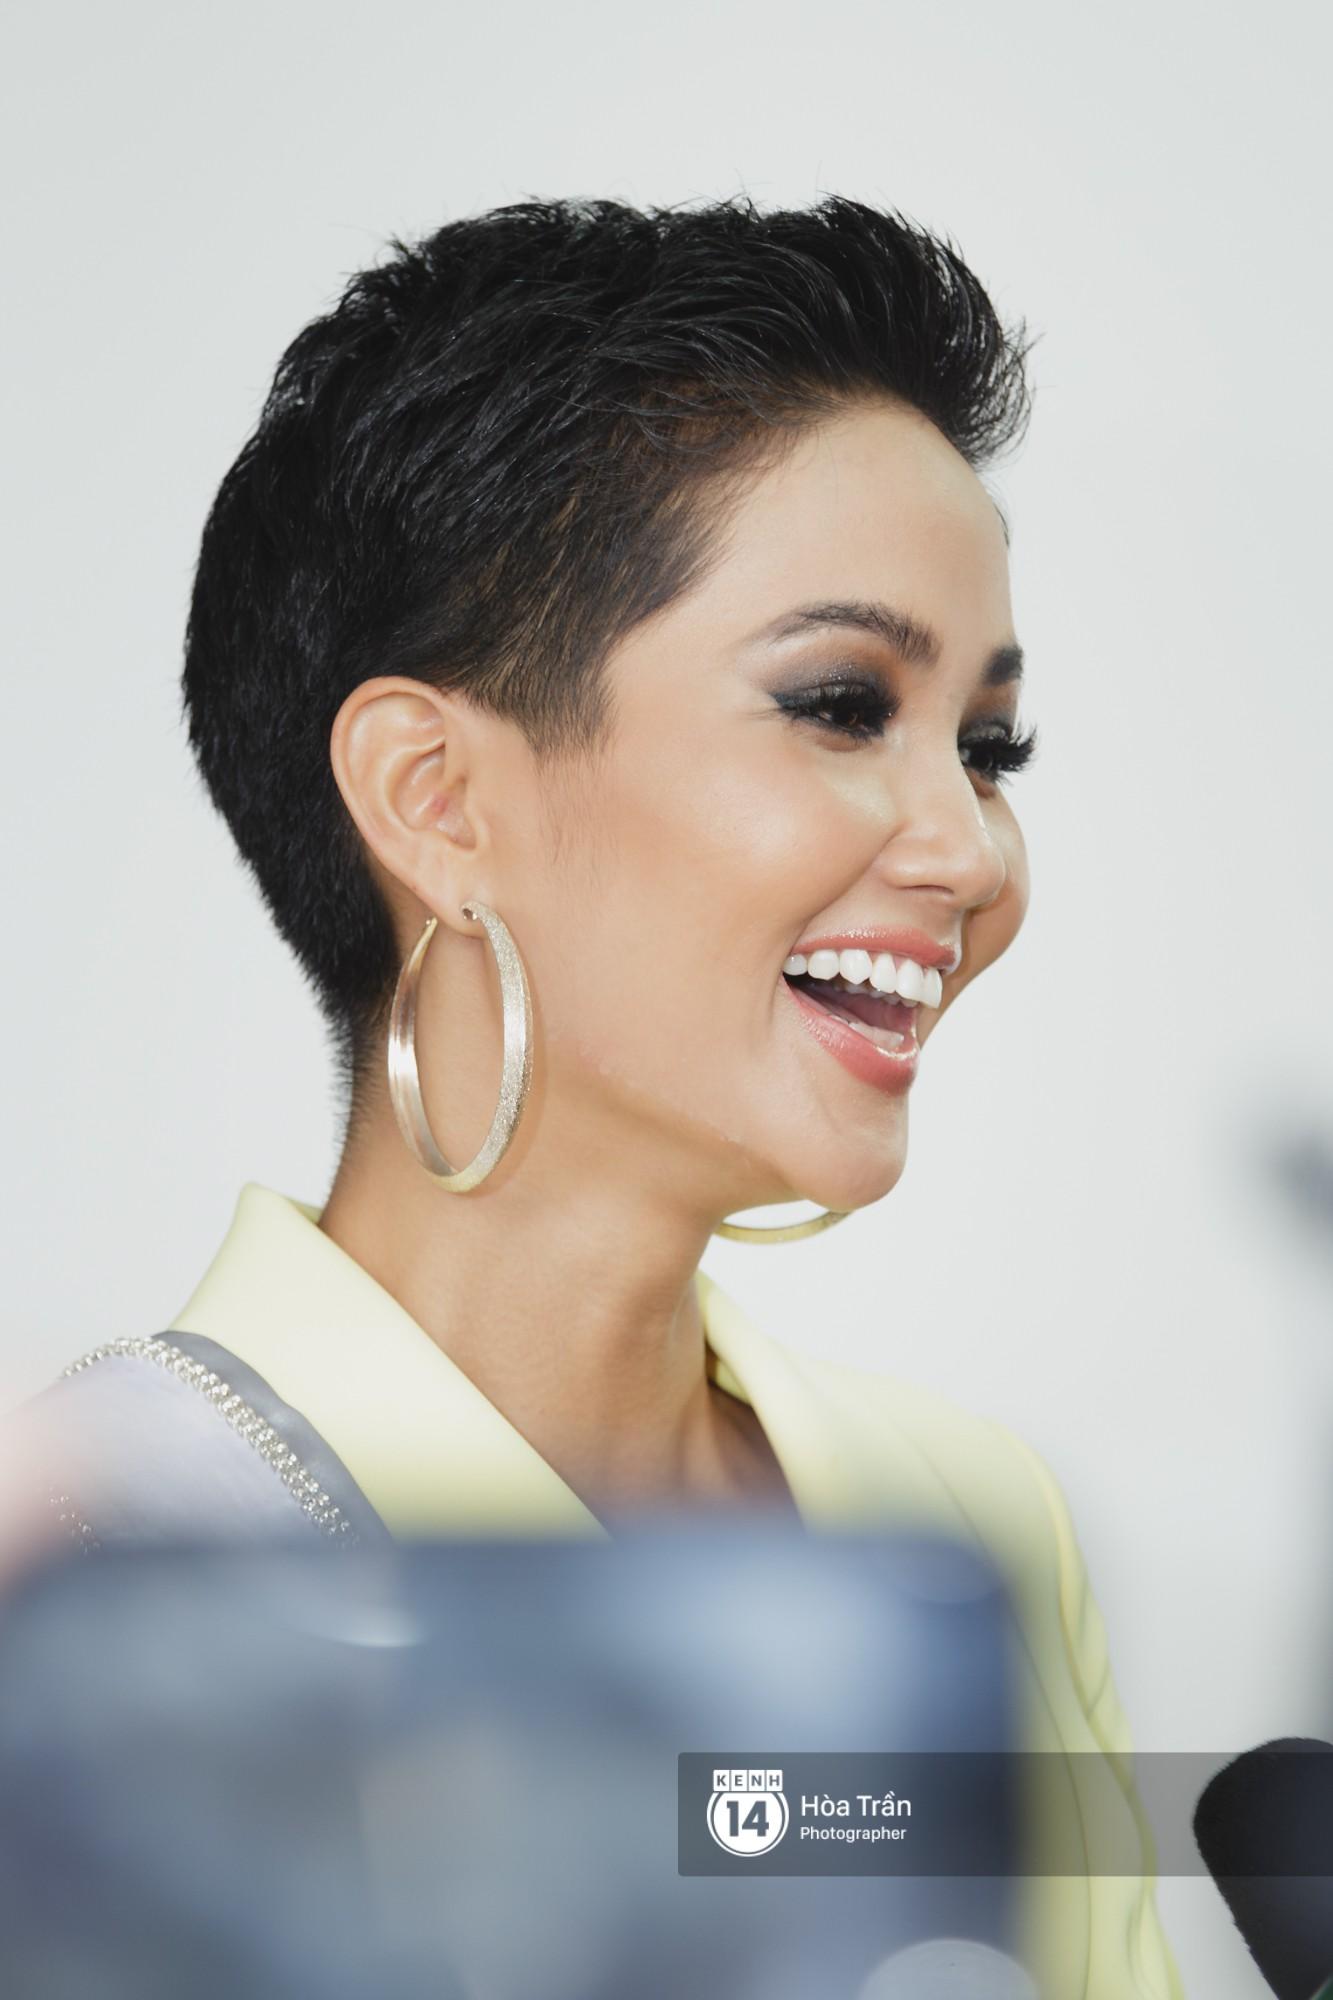 Gia đình HHen Niê diện trang phục người Ê-Đê, tiễn chân con gái bản làng đến Thái tham dự Miss Universe - Ảnh 9.